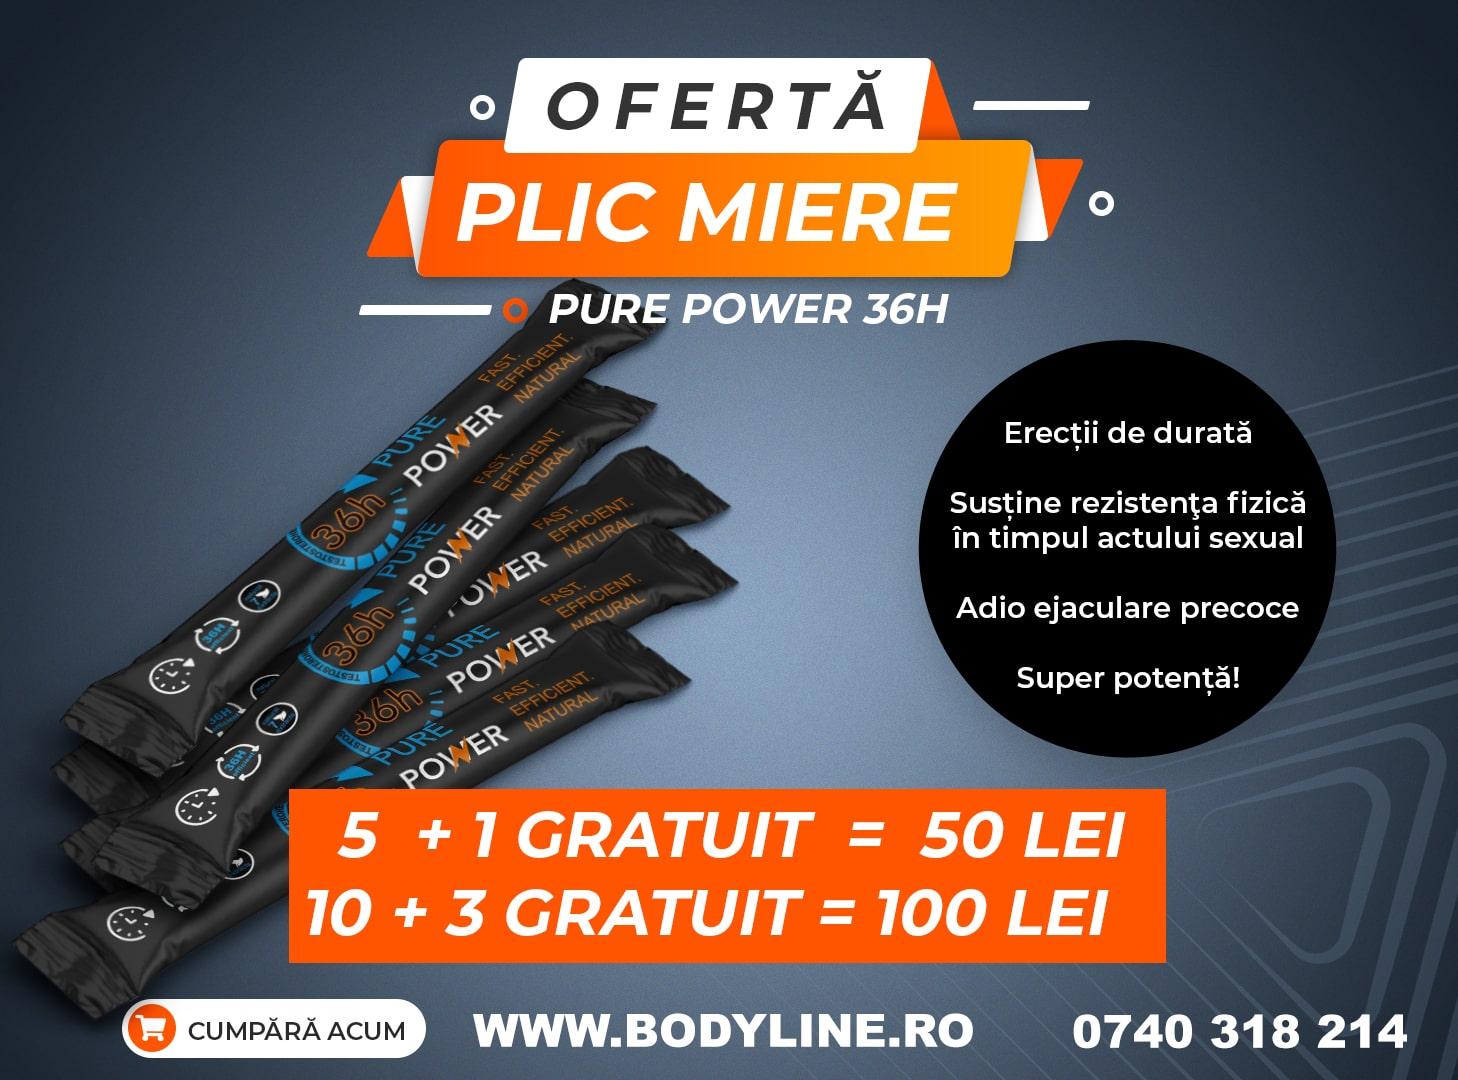 banner-plic-miere-potenta-bdl3-min